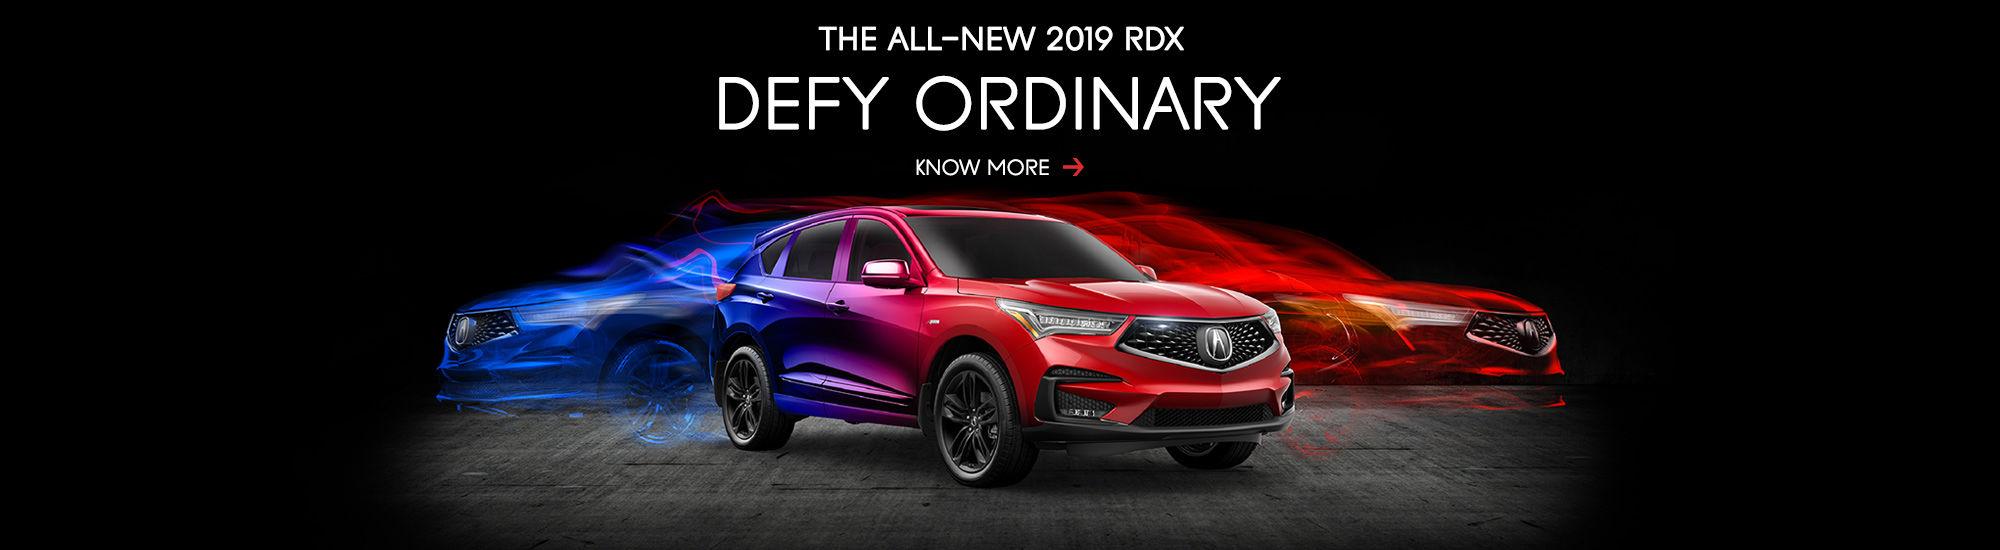 2019 RDX